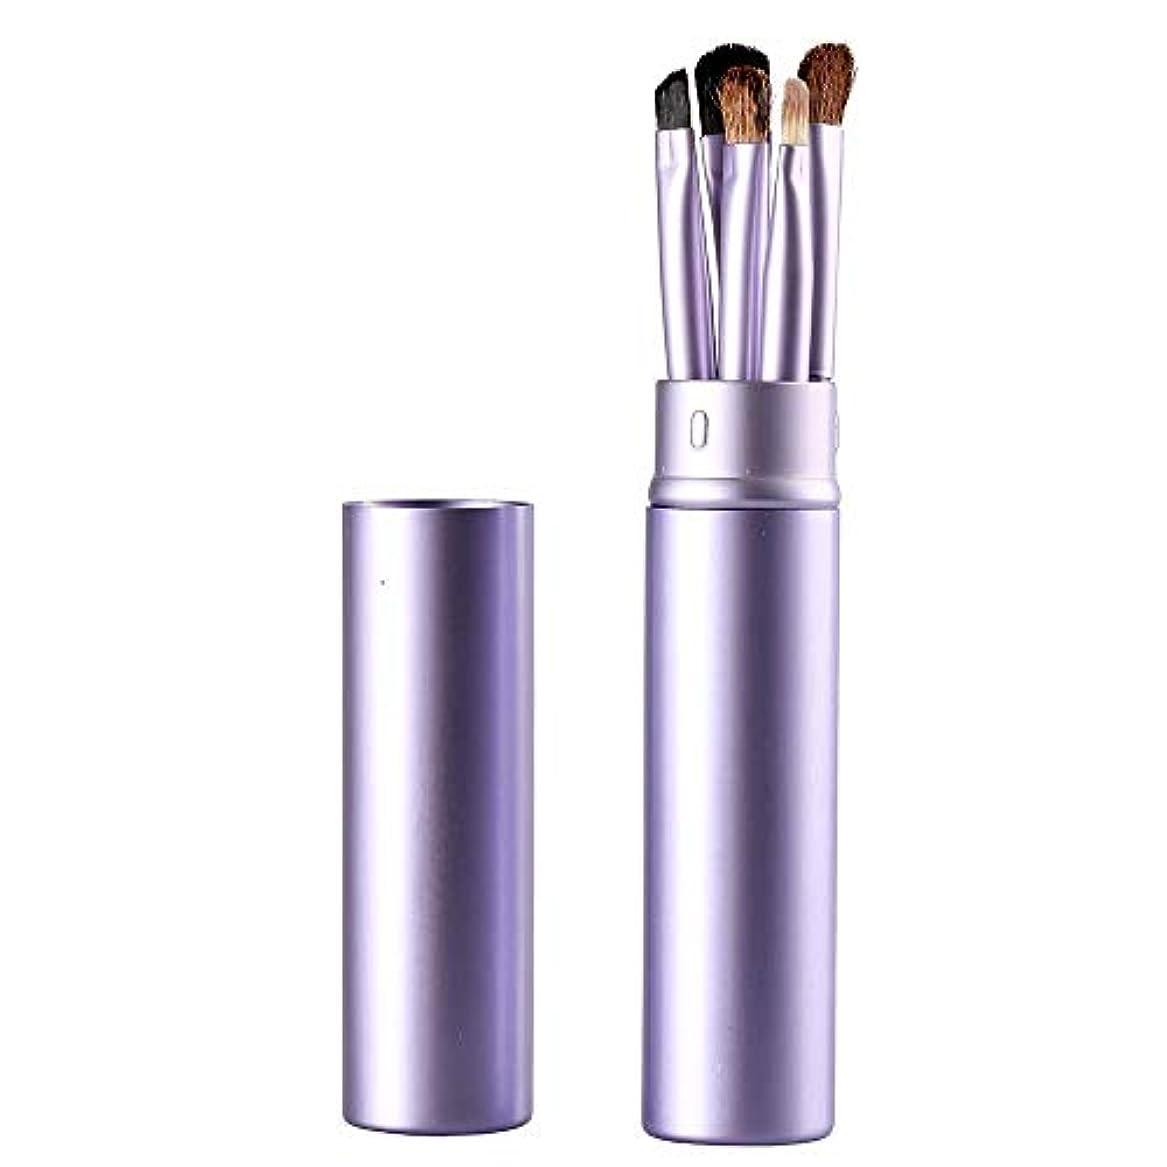 親愛な価格サンプルMakeup brushes 紫色、アイメイクブラシセットブラシ5アイブラシメイクペン美容メイクツールで化粧チューブ保護 suits (Color : Purple)